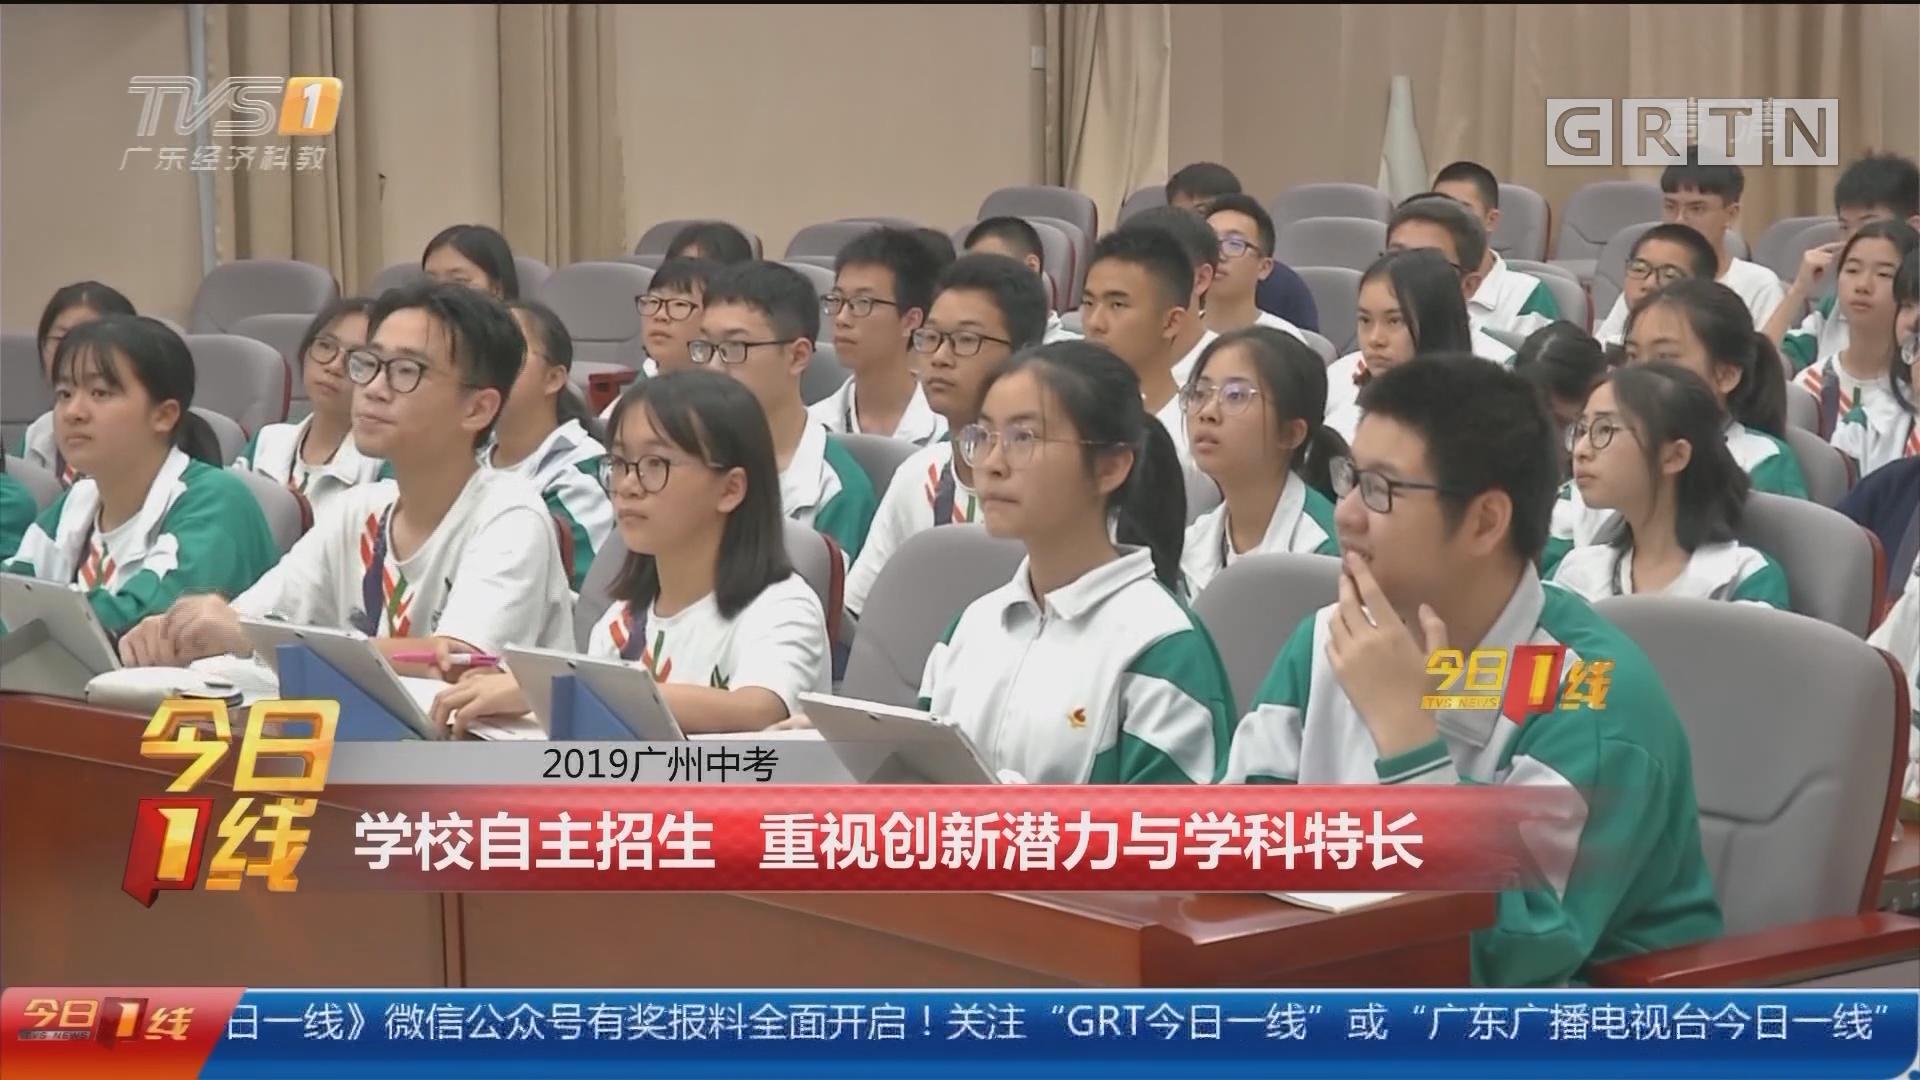 2019广州中考:学校自主招生 重视新潜力与学科特长